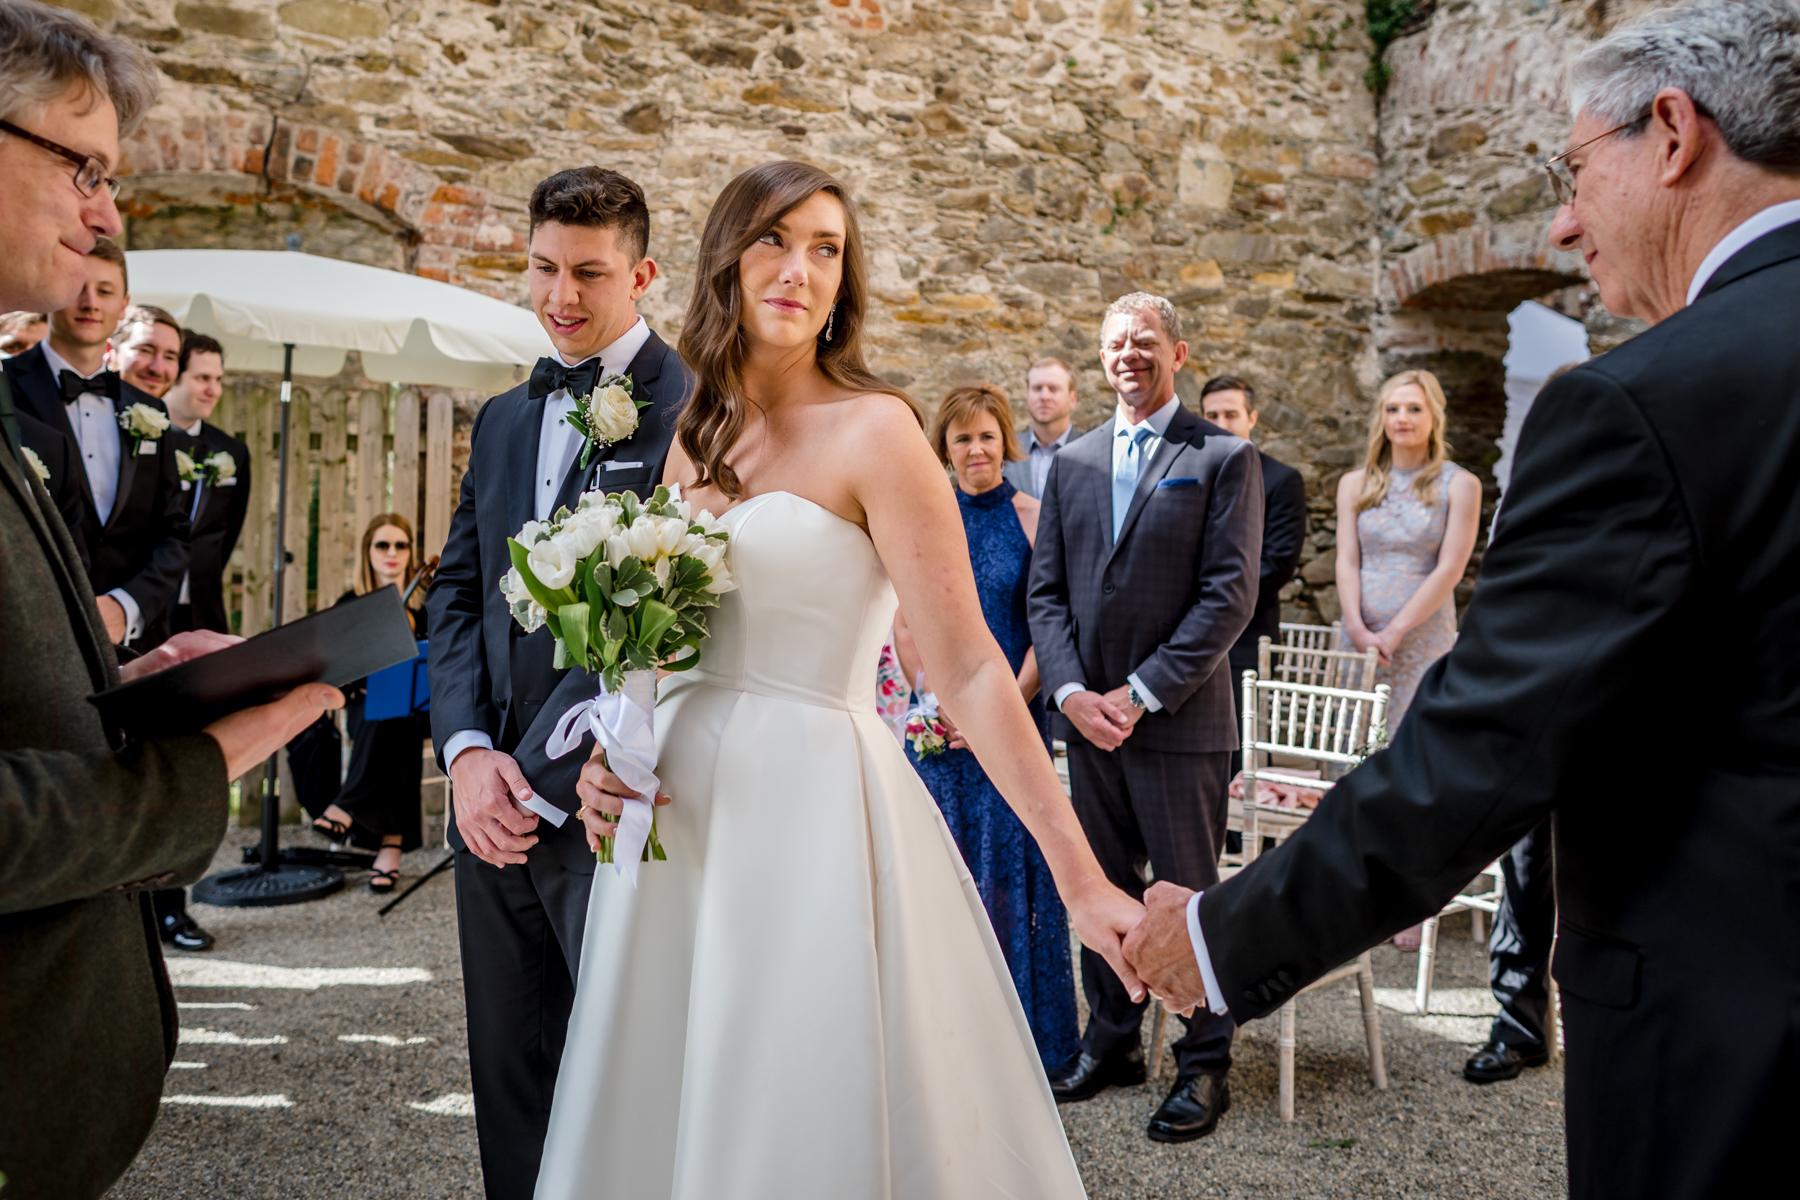 Huwelijksfotografie van ouders - ceremoniebeeld van de overdracht door de vader van de bruid aan de bruidegom